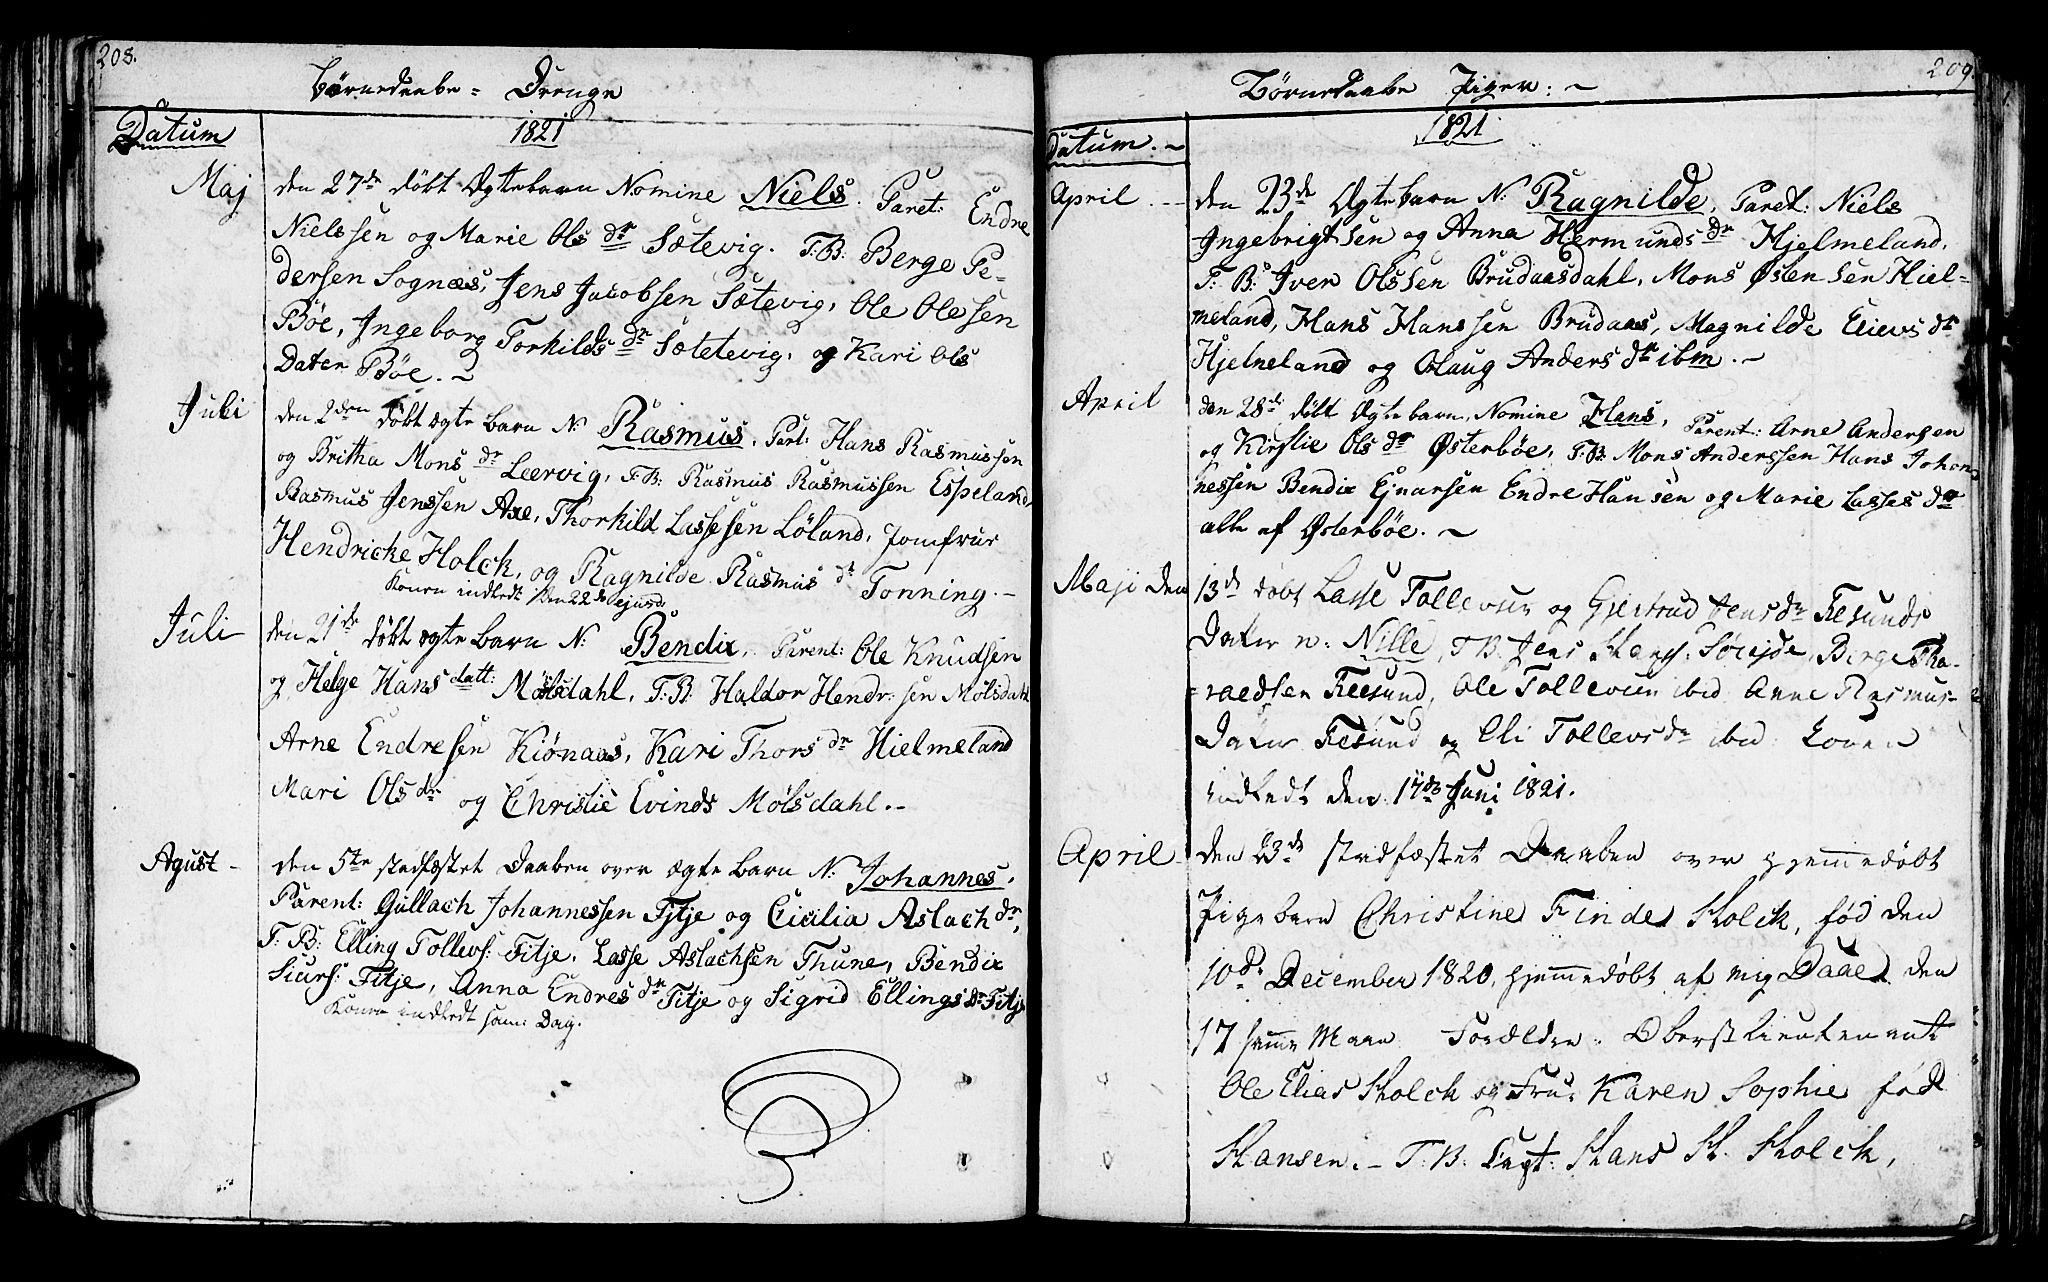 SAB, Lavik sokneprestembete, Ministerialbok nr. A 1, 1809-1822, s. 208-209